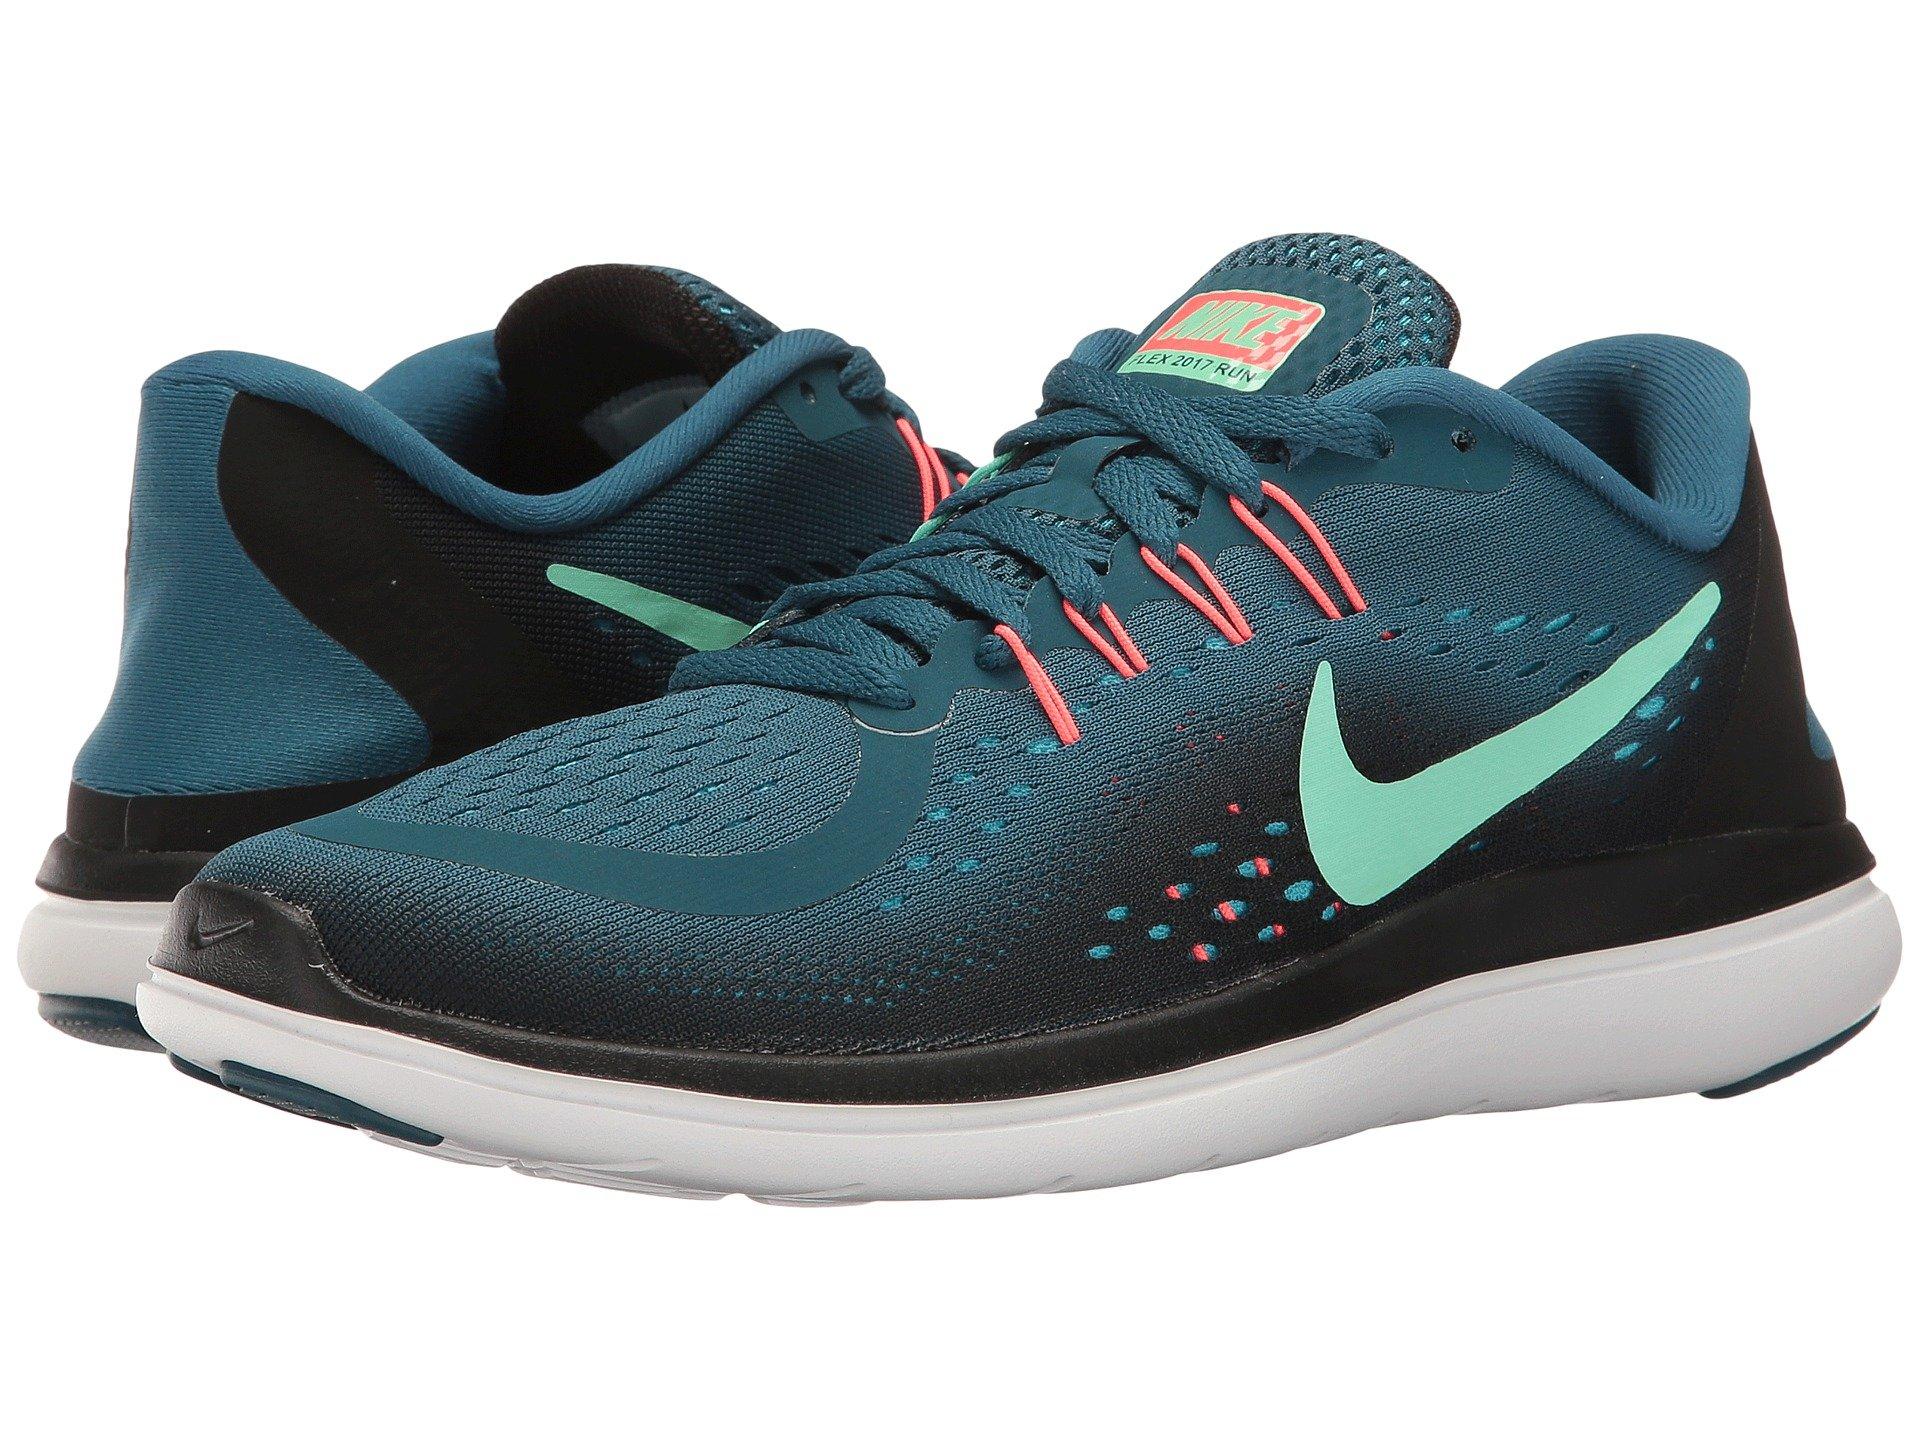 3eec2139b2fd1 Nike Flex Rn 2017 In Legion Blue Green Glow Black Hot Punch